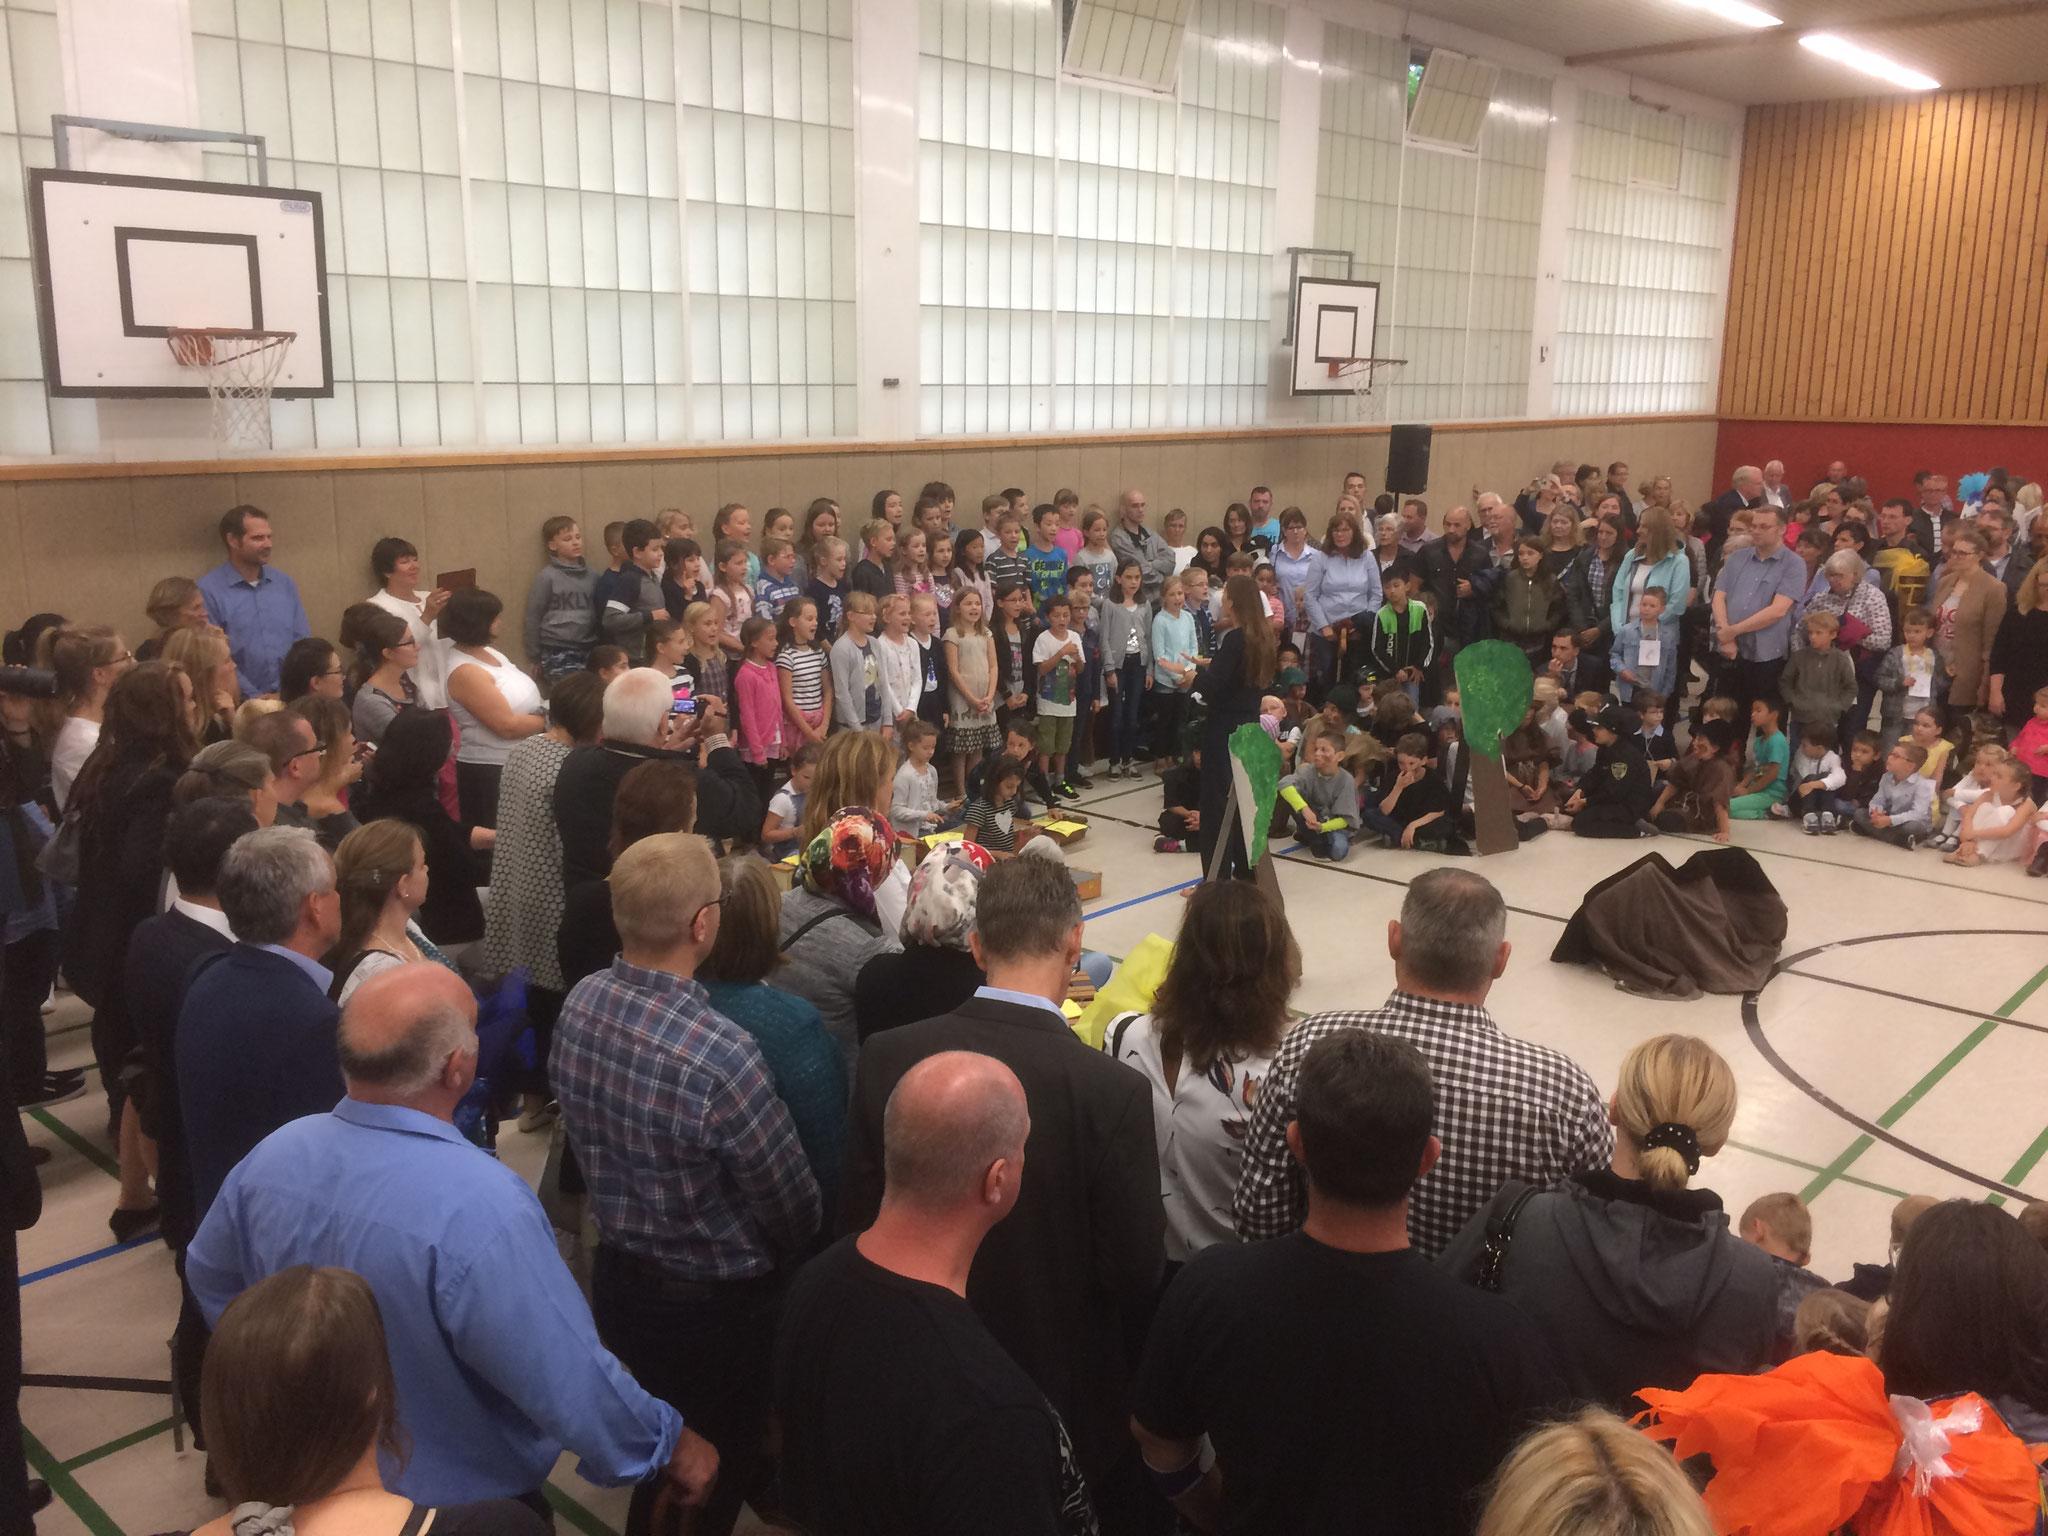 Und zum Schluss singen alle gemeinsam unser Schullied.